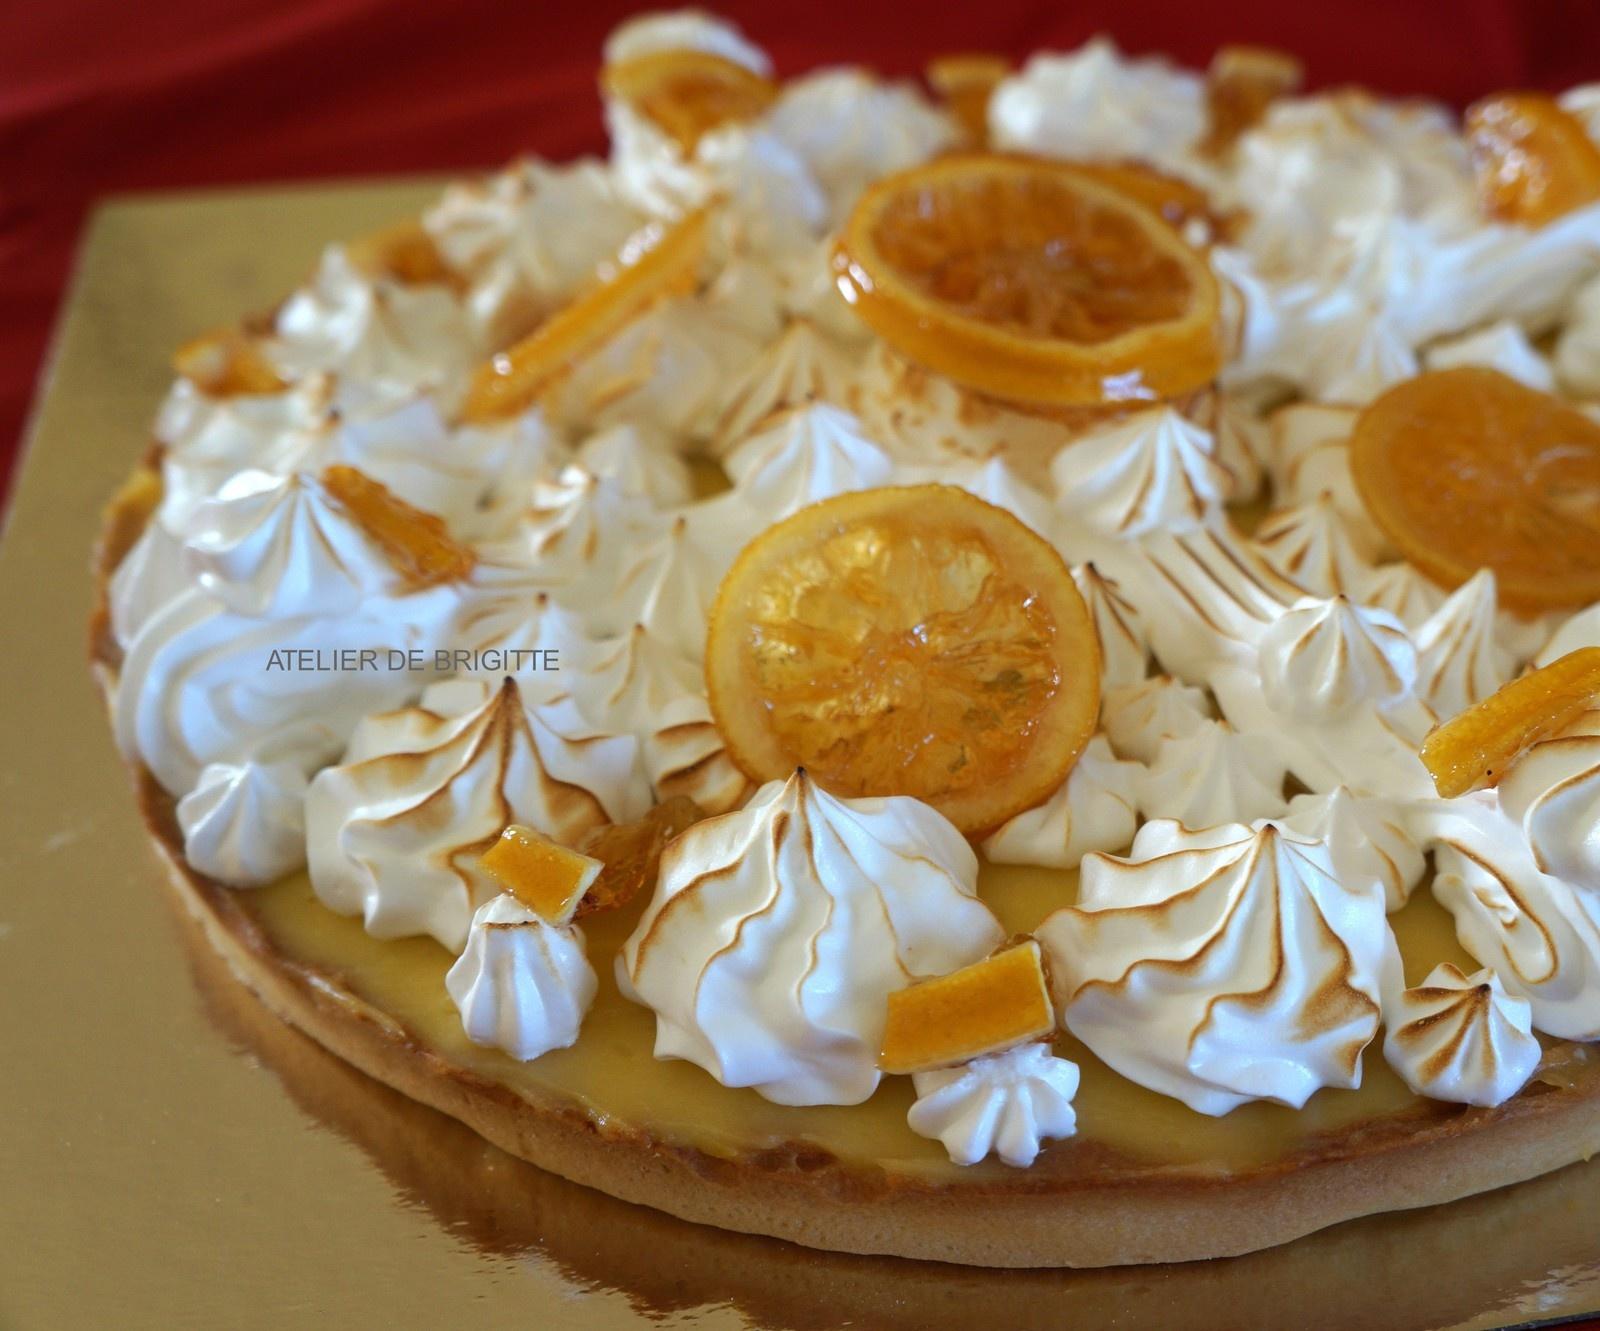 Recettes de meringue par atelier de brigitte tarte au citron iles flottantes et pralin - Recette tarte au citron sans meringue ...